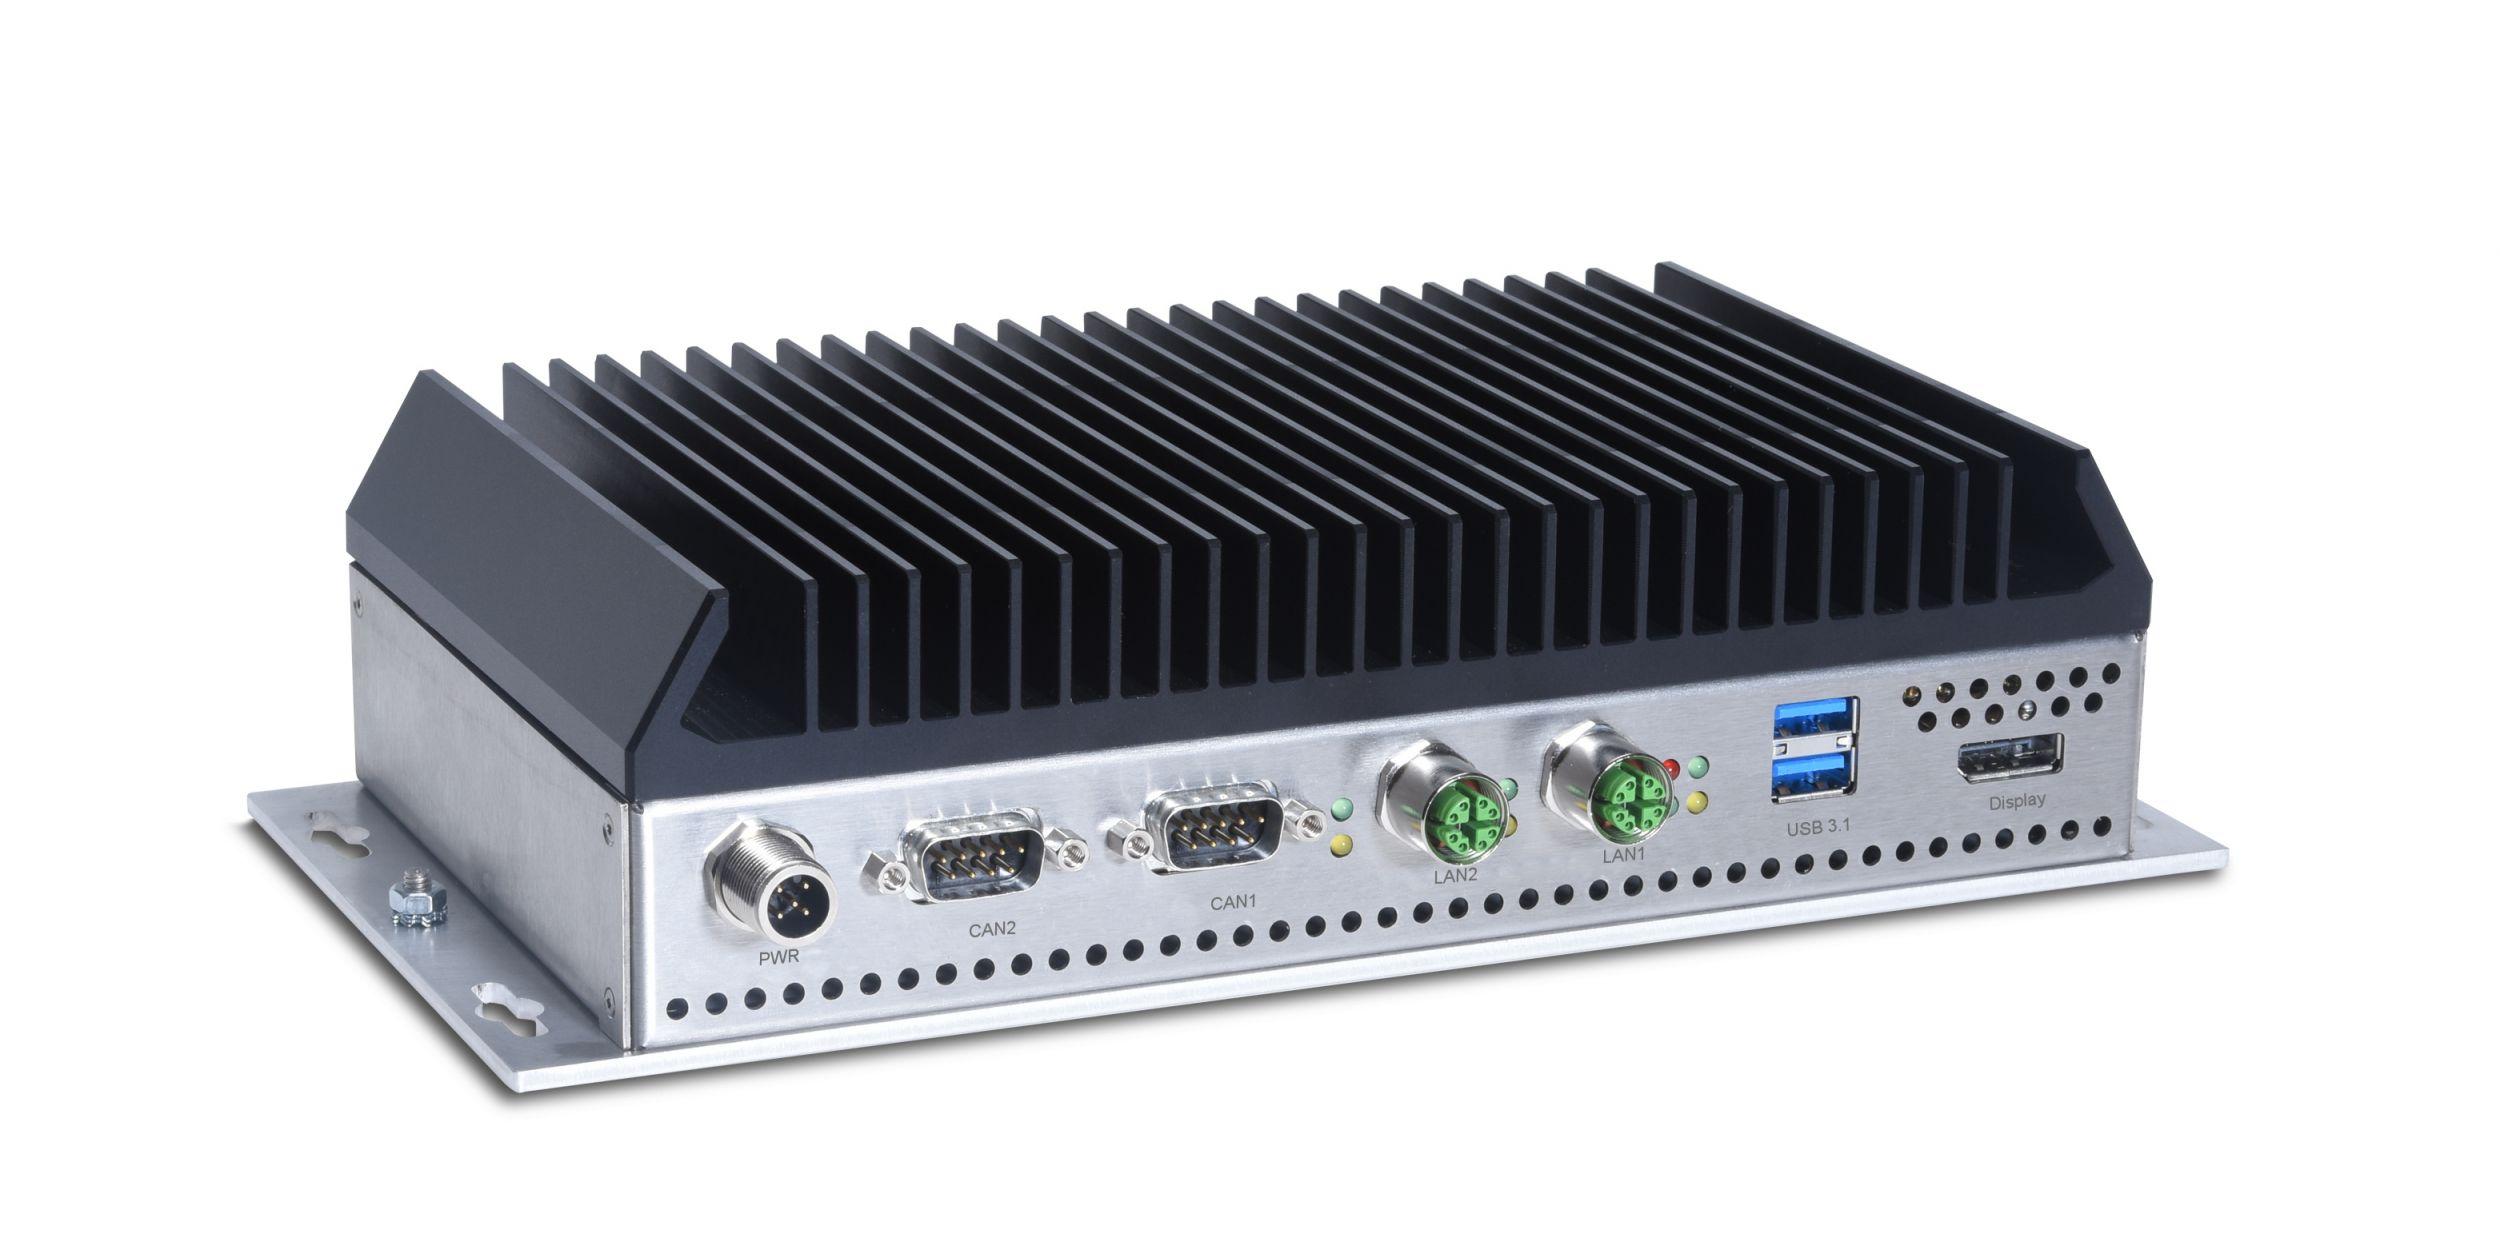 Bahn-Computer auf Basis von Nvidia Jetson AGX Industrial